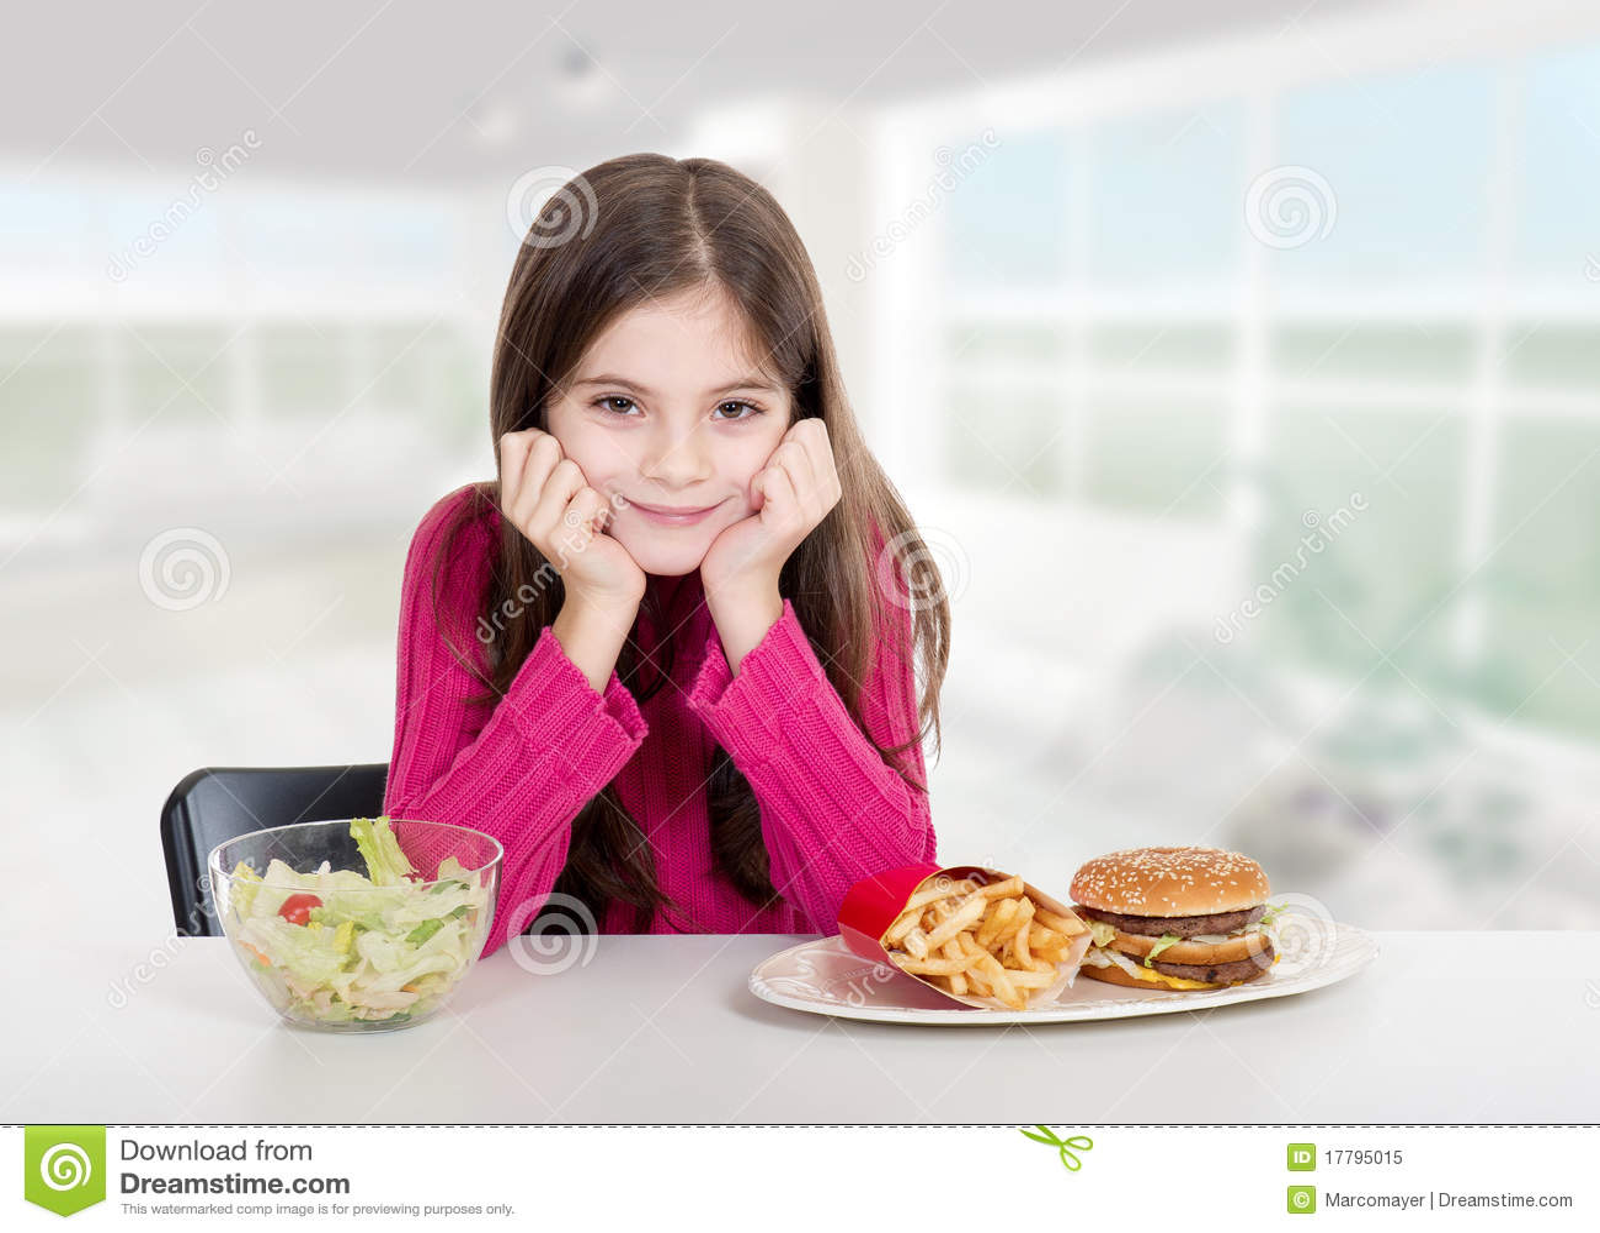 Meisje met gezond en ongezond voedsel